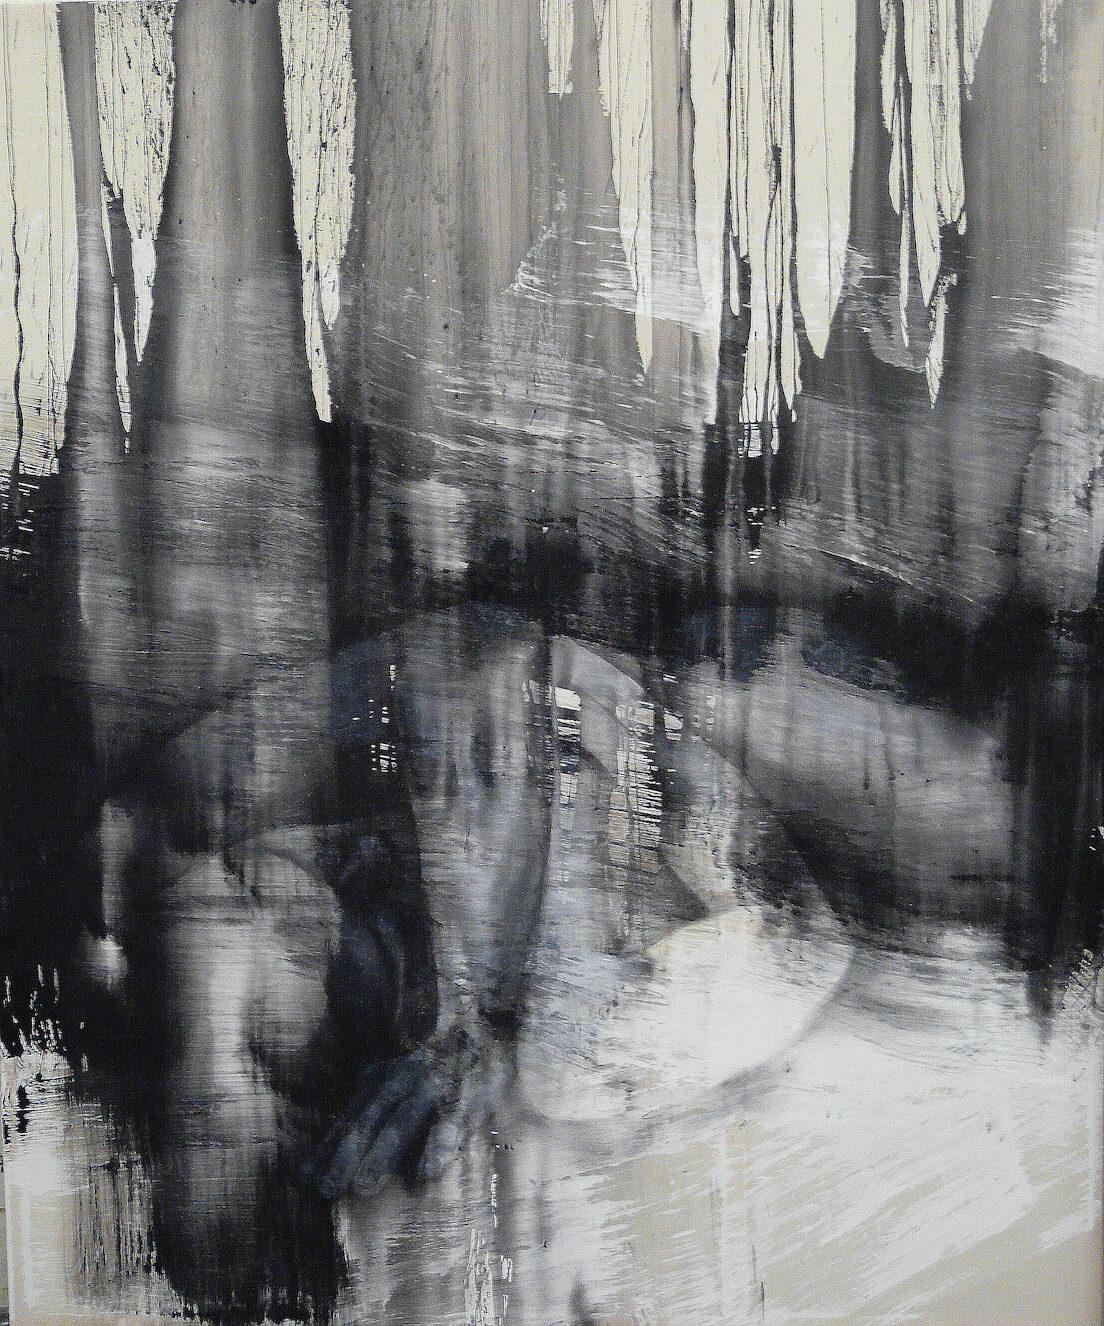 zniceny lesnik 250x210cm akryl 2014